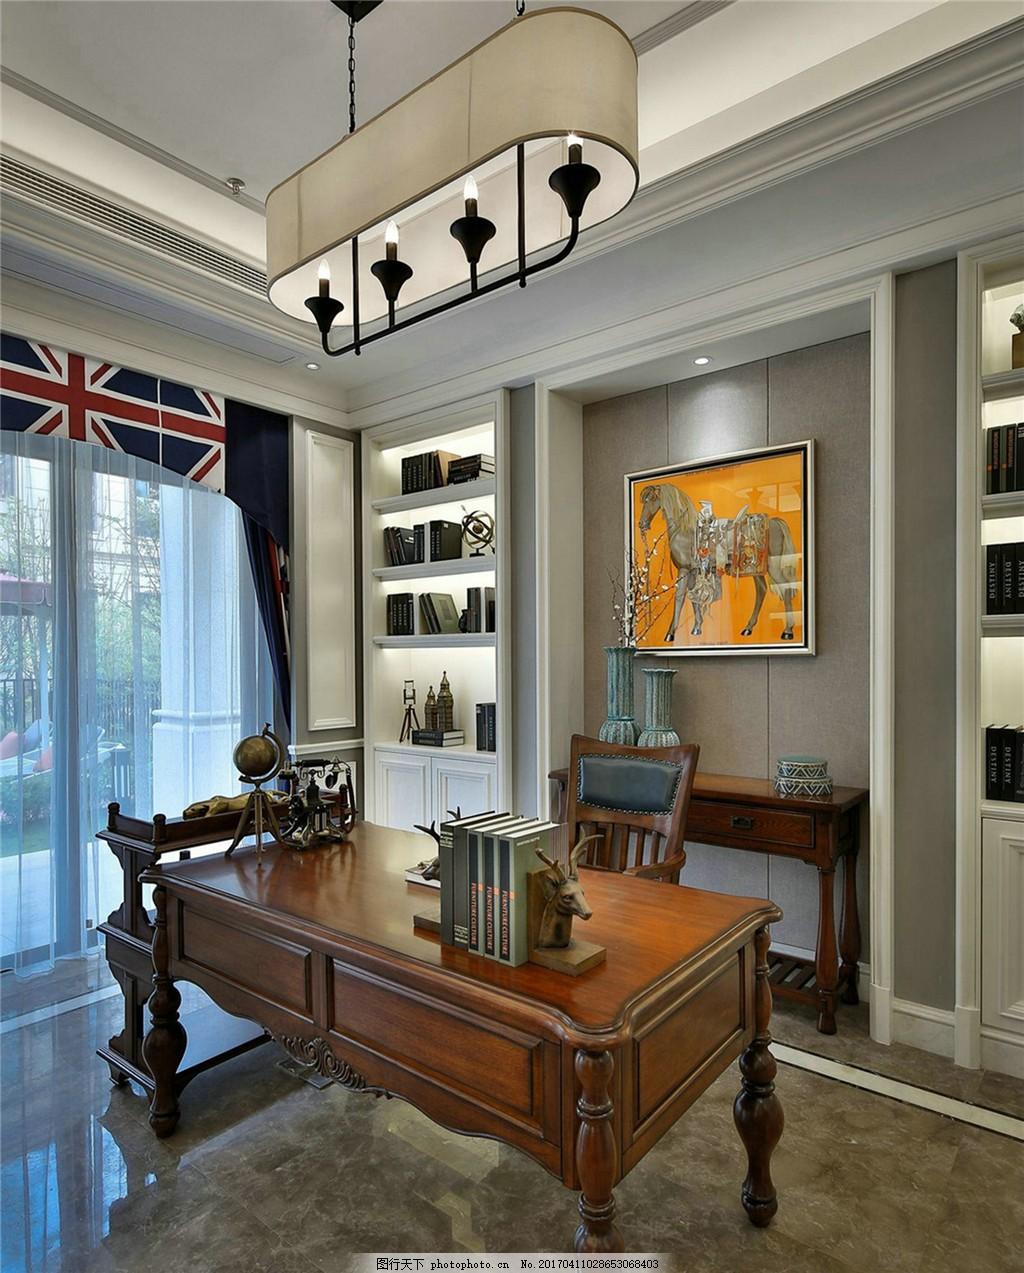 室内书房设计效果 书桌 装饰 落地窗 彩色